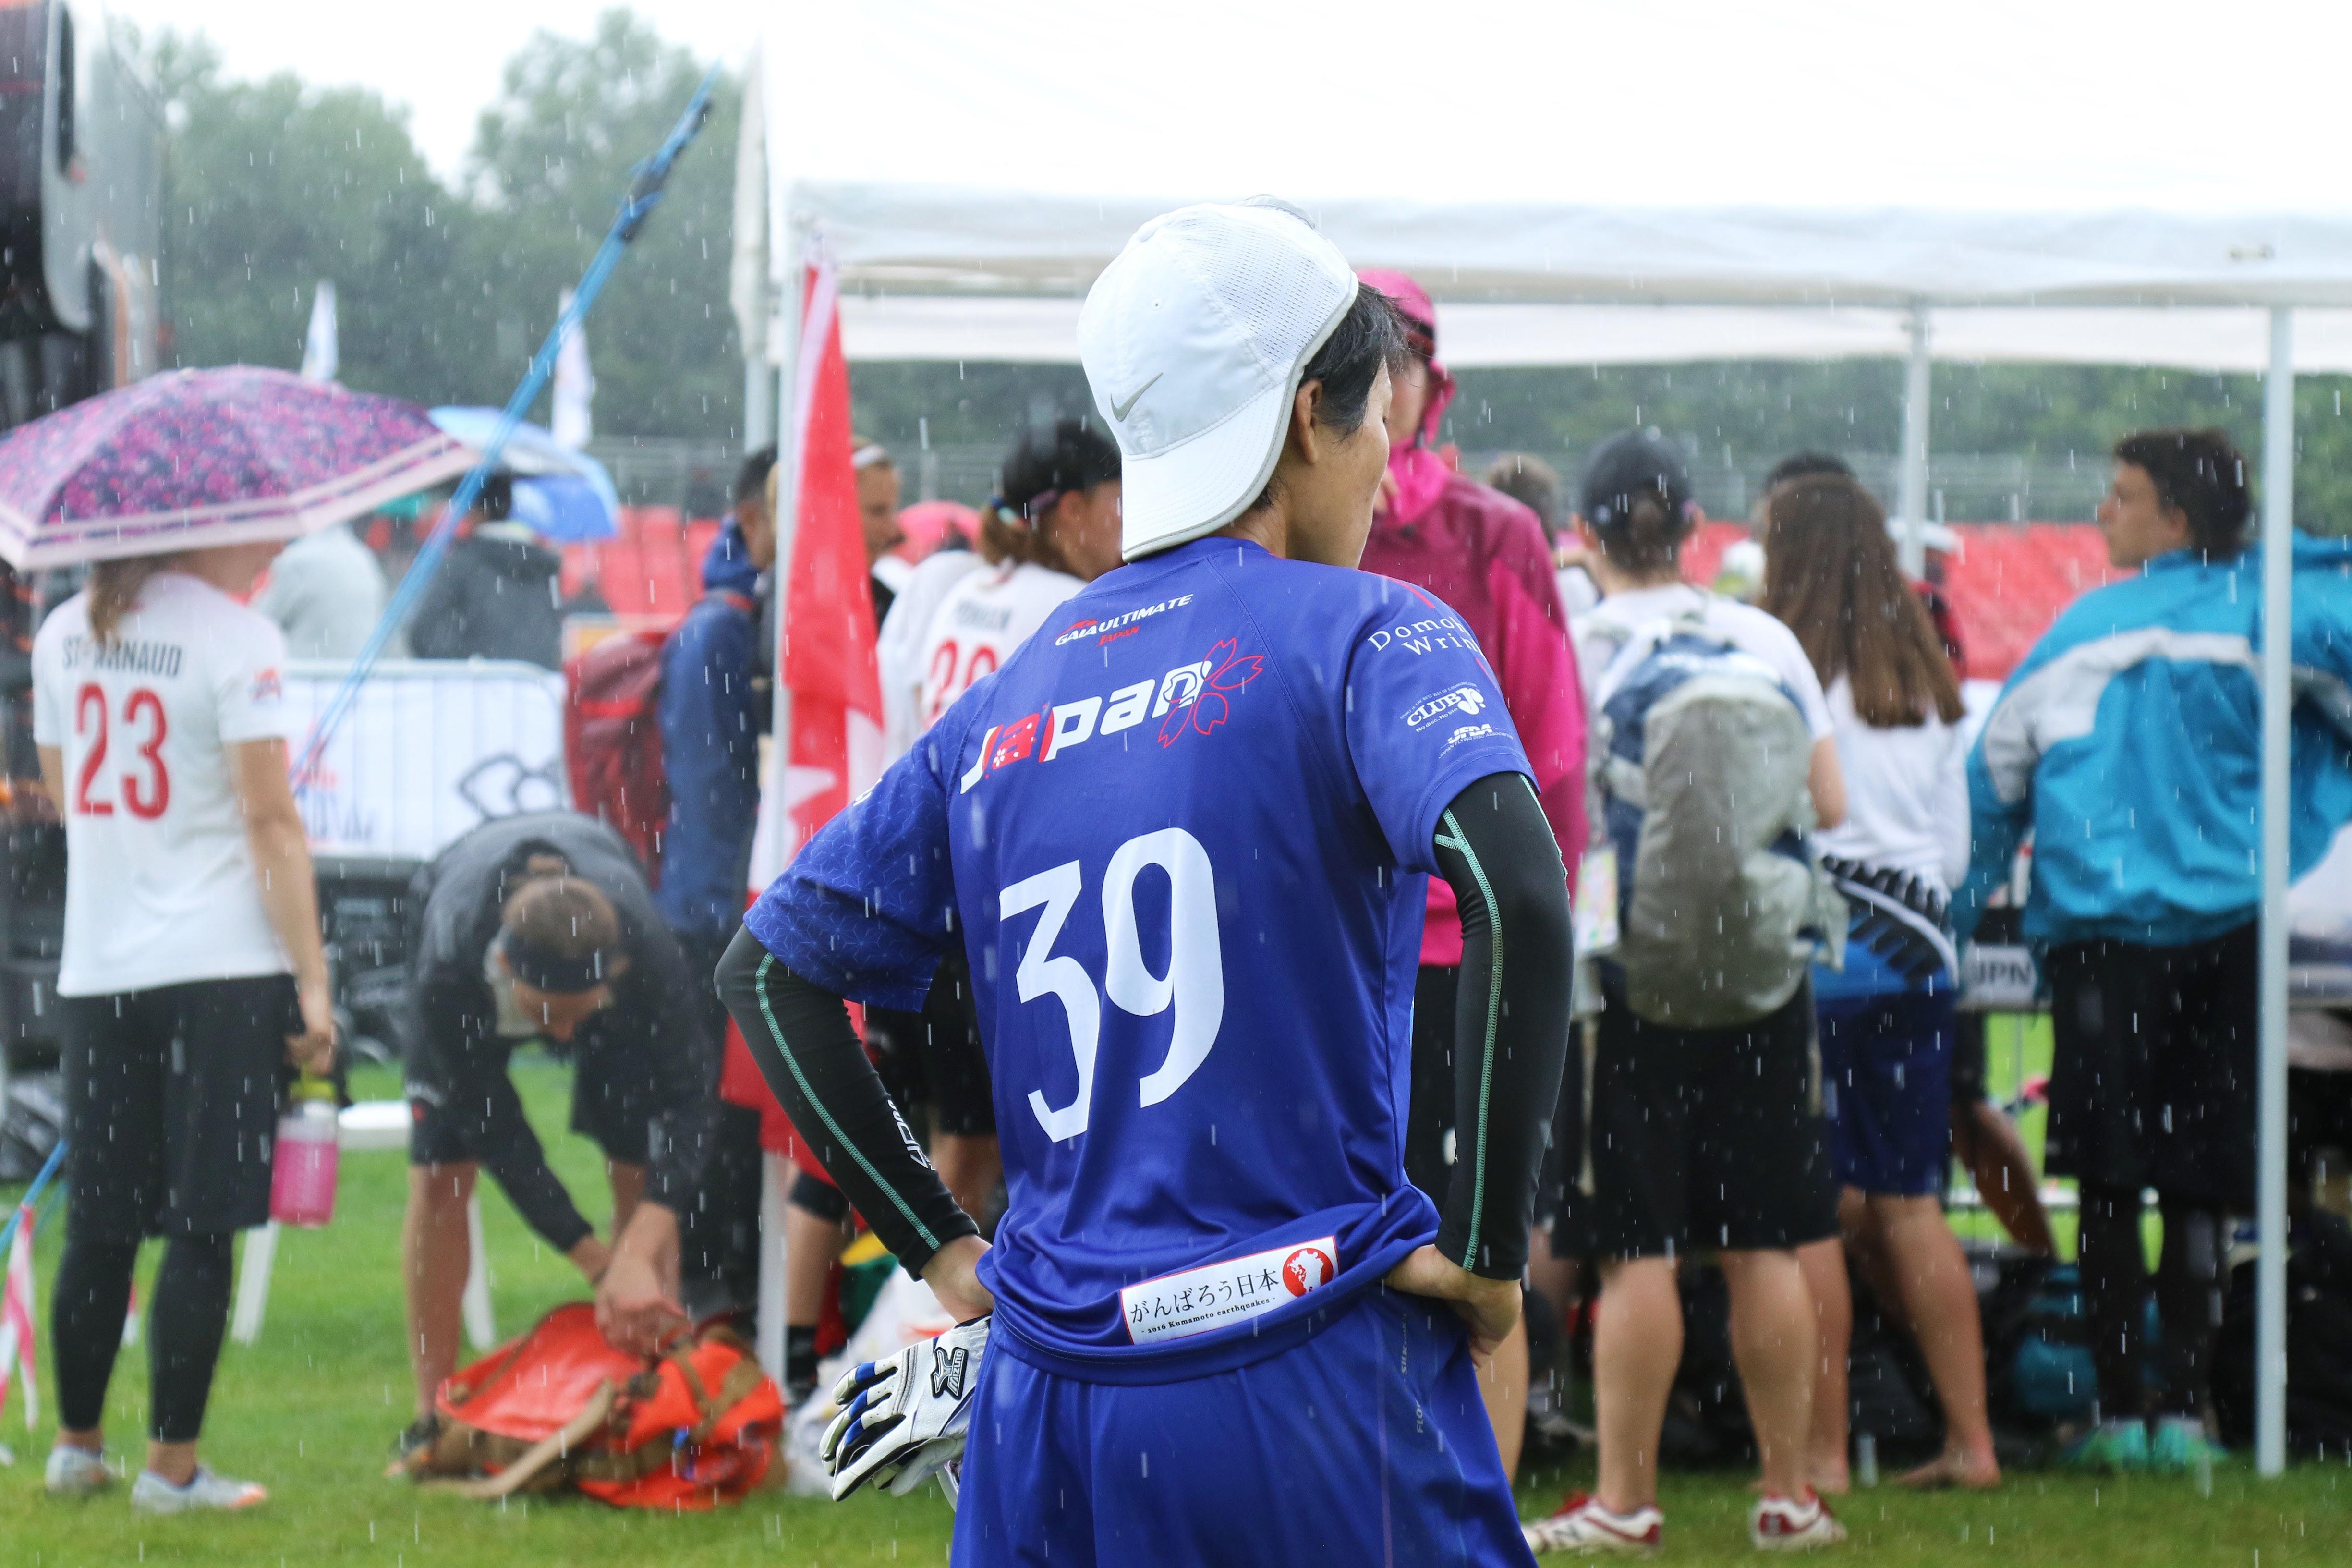 2016年 世界大会での稲村選手